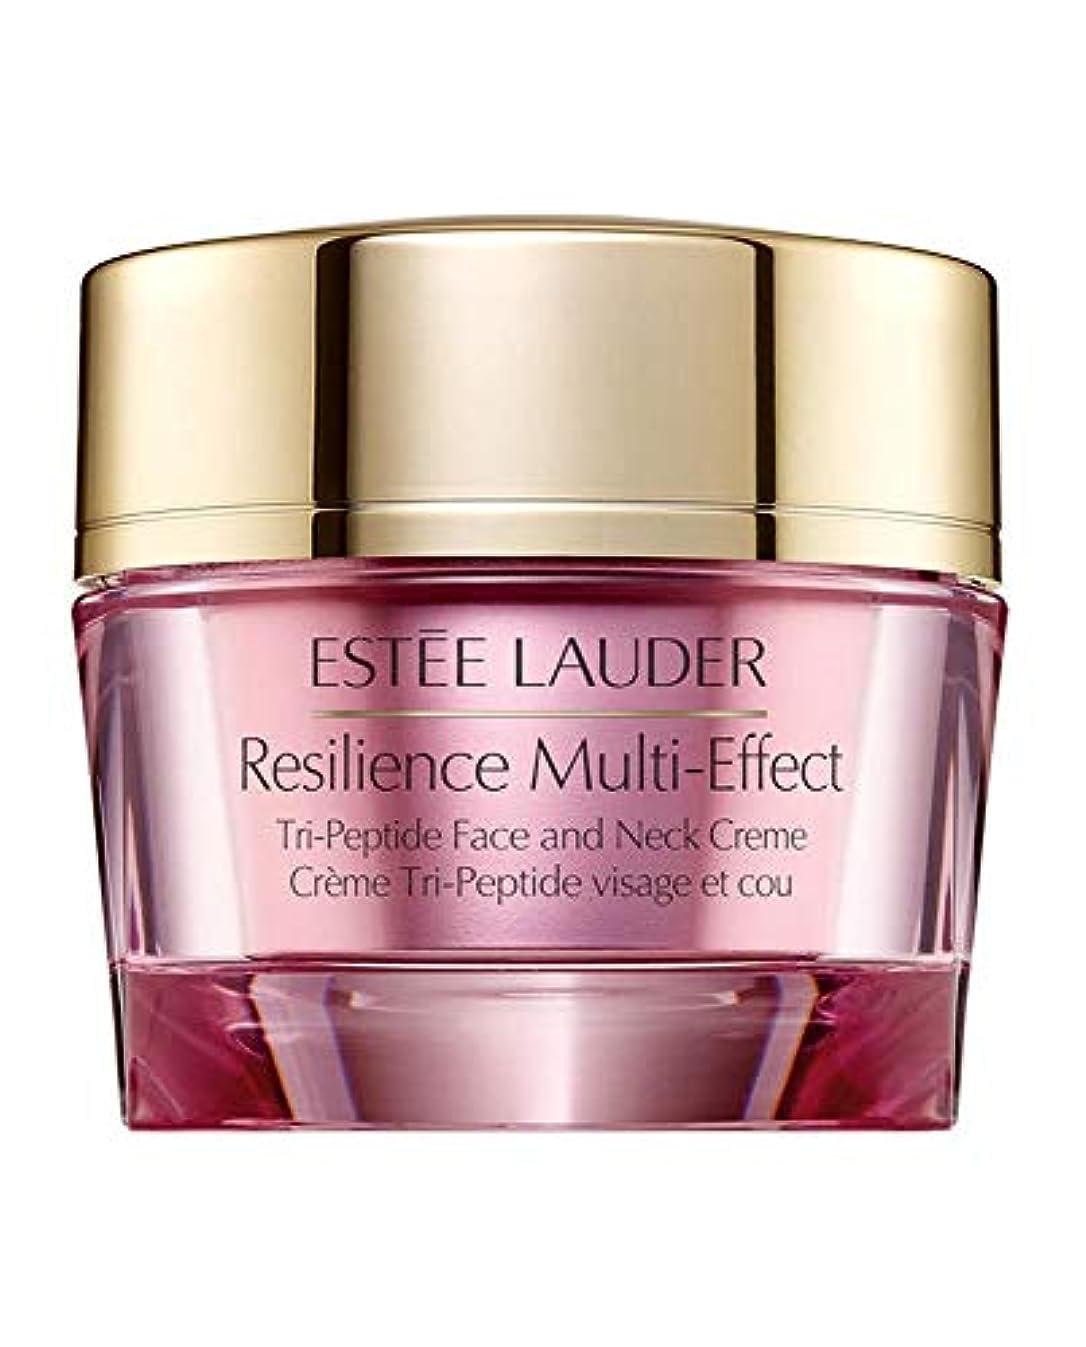 考えたモデレータ右エスティローダー Resilience Multi-Effect Tri-Peptide Face and Neck Creme SPF 15 - For Normal/Combination Skin 50ml/1.7oz...